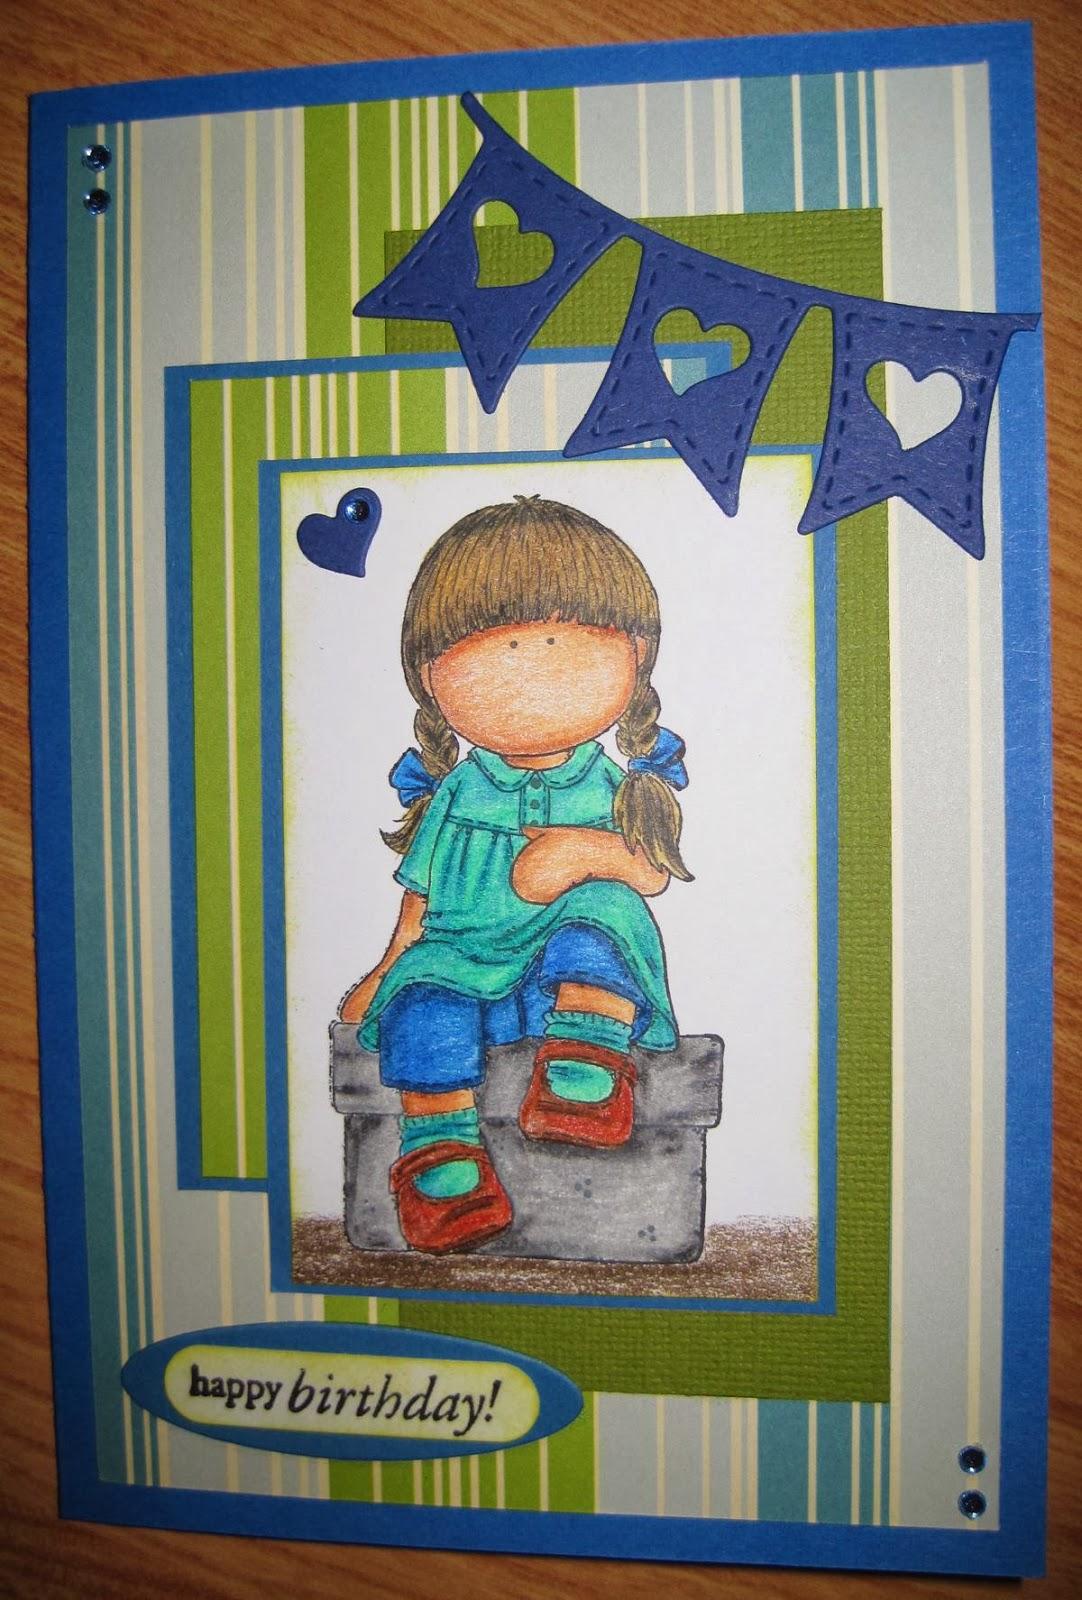 http://lairdesssvenja.blogspot.de/2014/01/geburtstagskarte.html